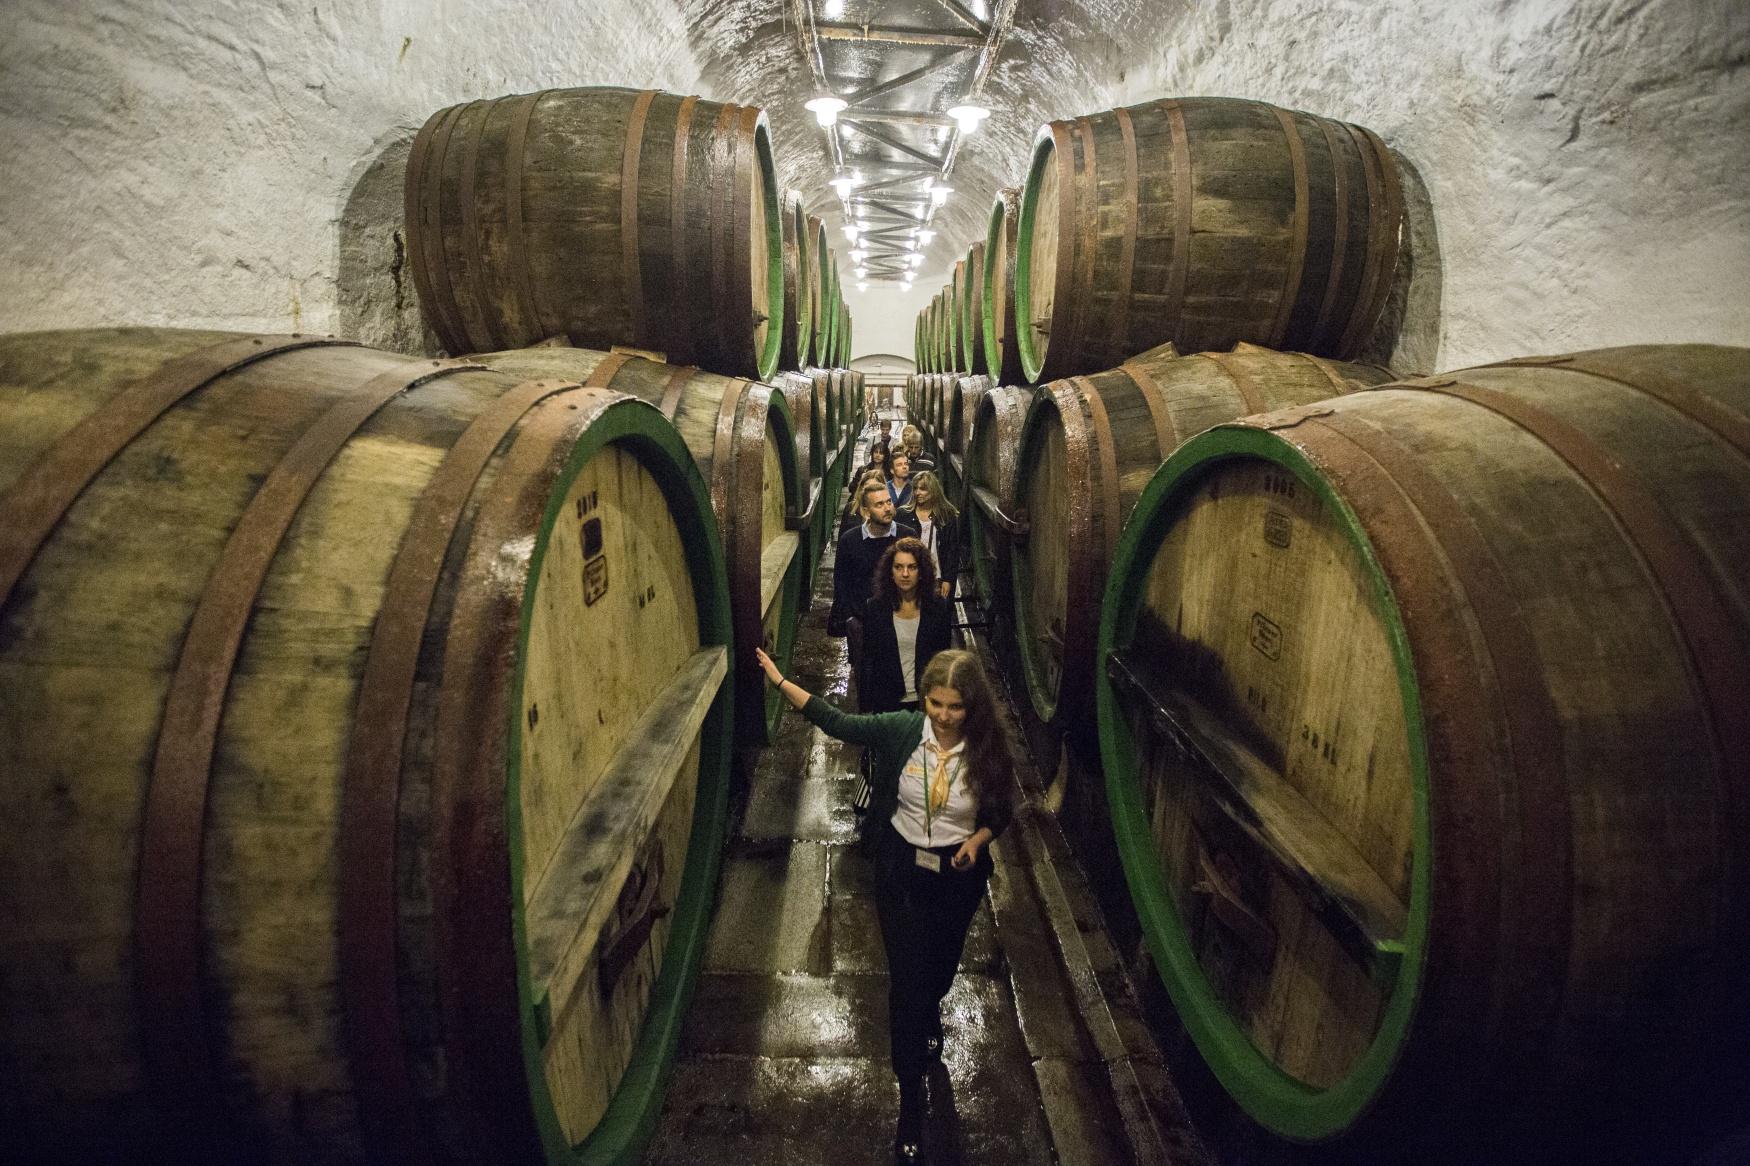 Prazdroj letos směřuje k rekordní návštěvnosti pivovarů, v červnu přivítal na turistických trasách nejvíce lidí v historii